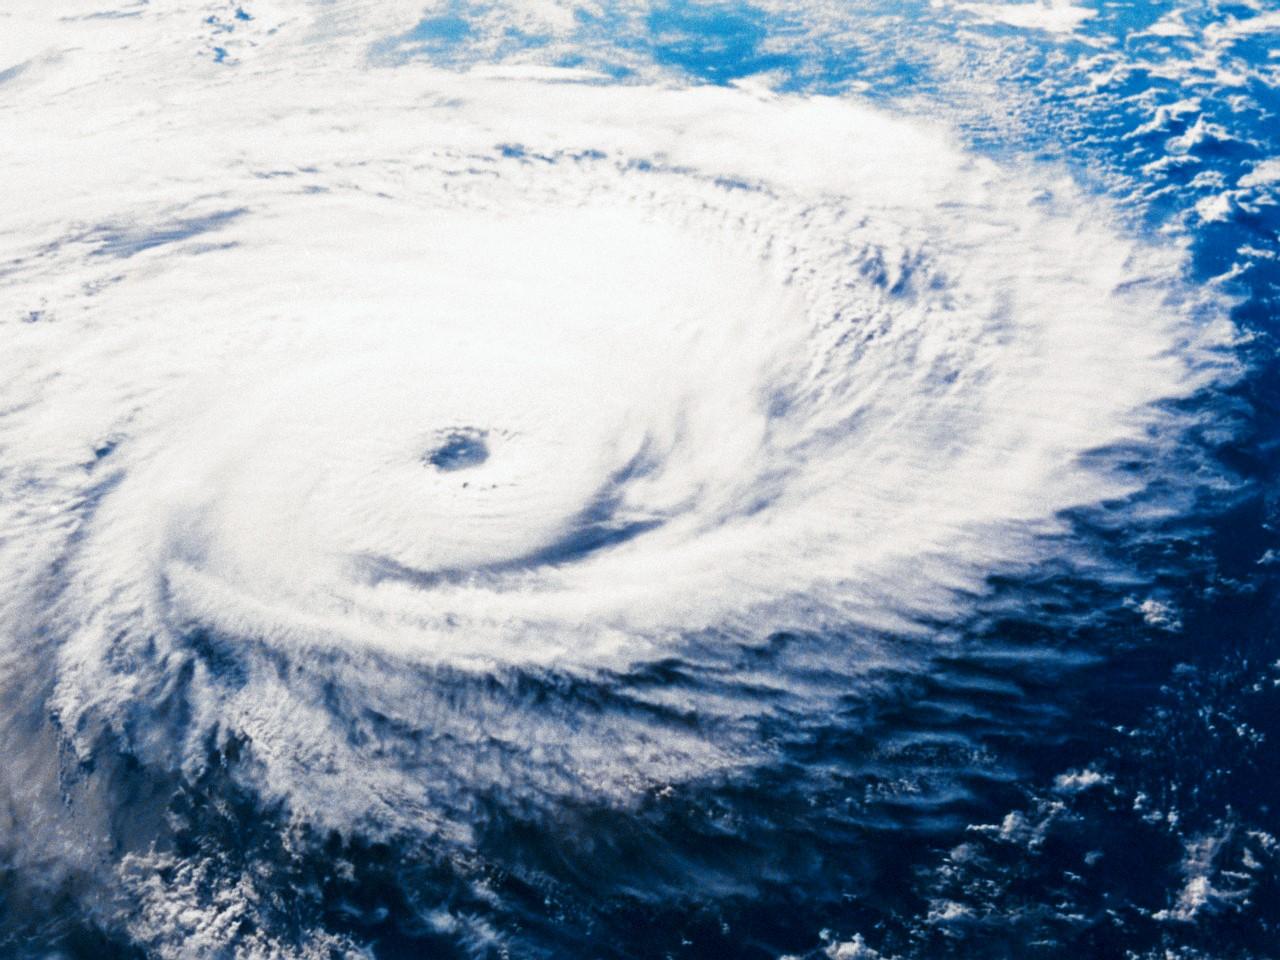 Mes Nacional de Preparación: ¿está usted preparada para un desastre?